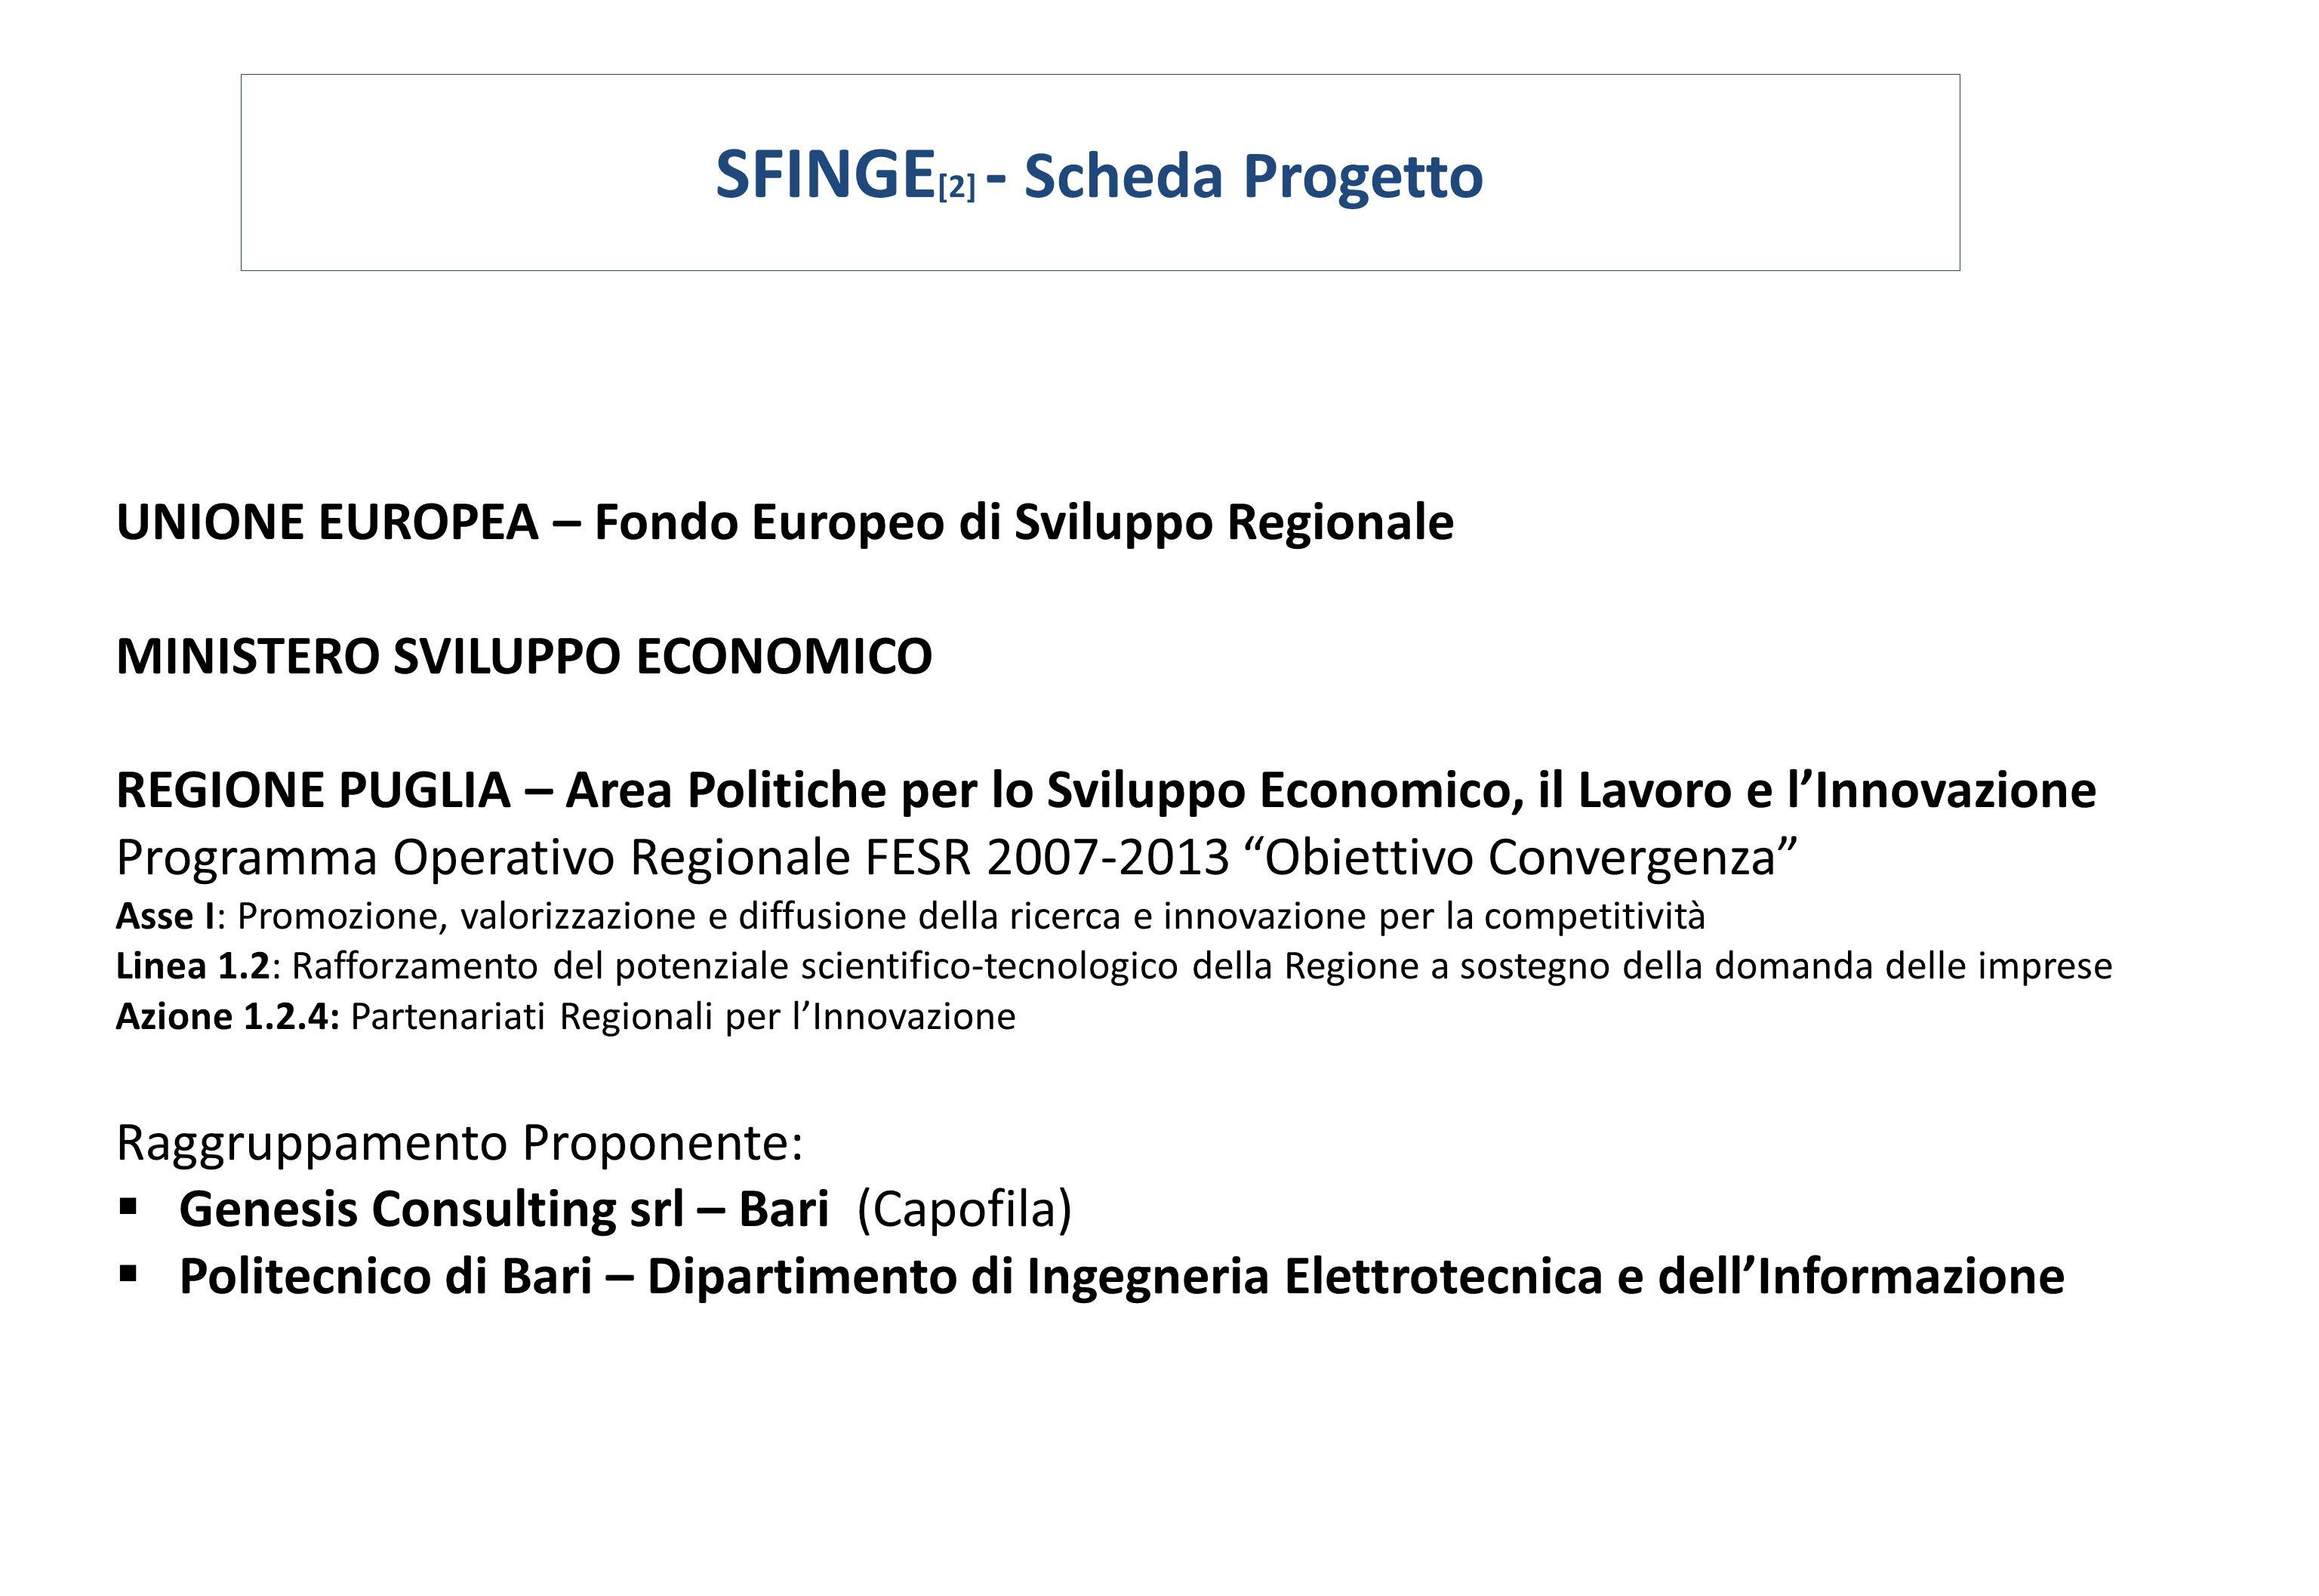 SFINGE [2] - Scheda Progetto UNIONE EUROPEA – Fondo Europeo di Sviluppo Regionale MINISTERO SVILUPPO ECONOMICO REGIONE PUGLIA – Area Politiche per lo